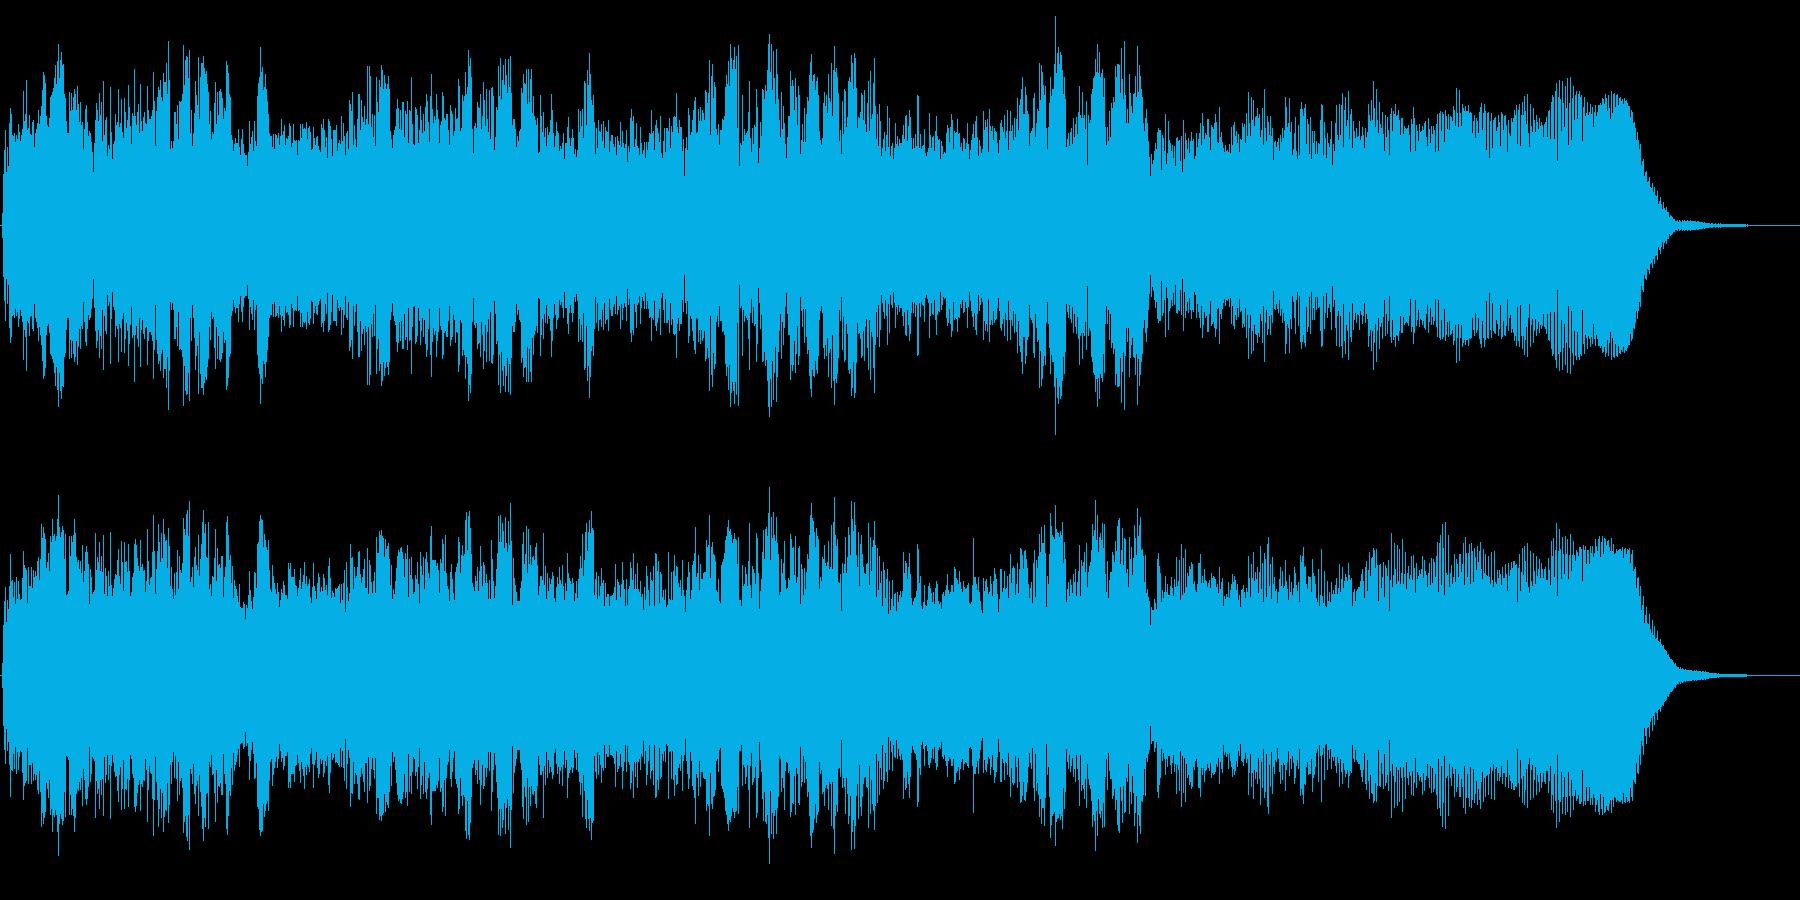 メタルのリズムギター 攻撃的バッキングBの再生済みの波形